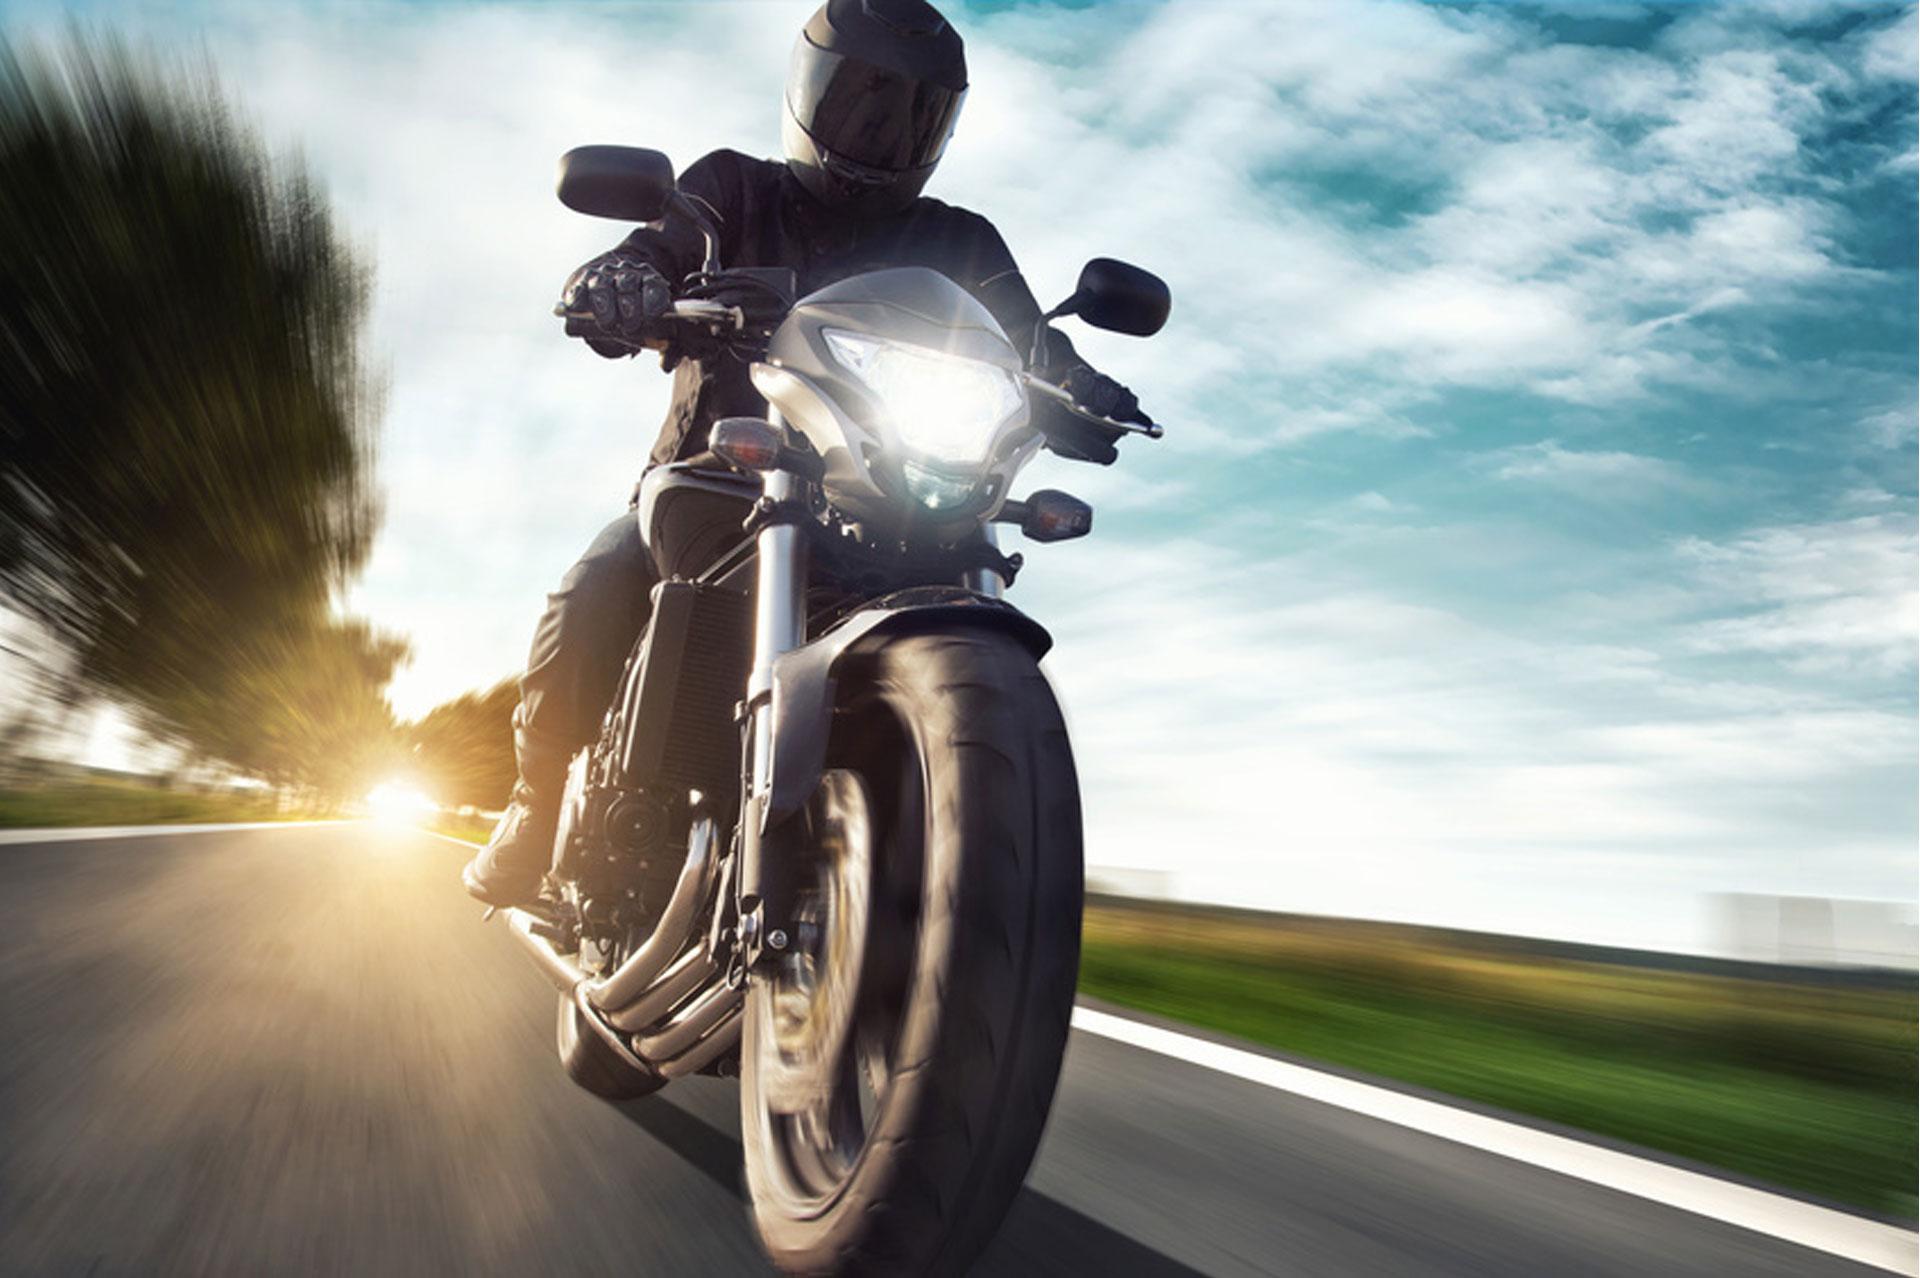 souscrire une couverture pour votre moto que faut il faire. Black Bedroom Furniture Sets. Home Design Ideas